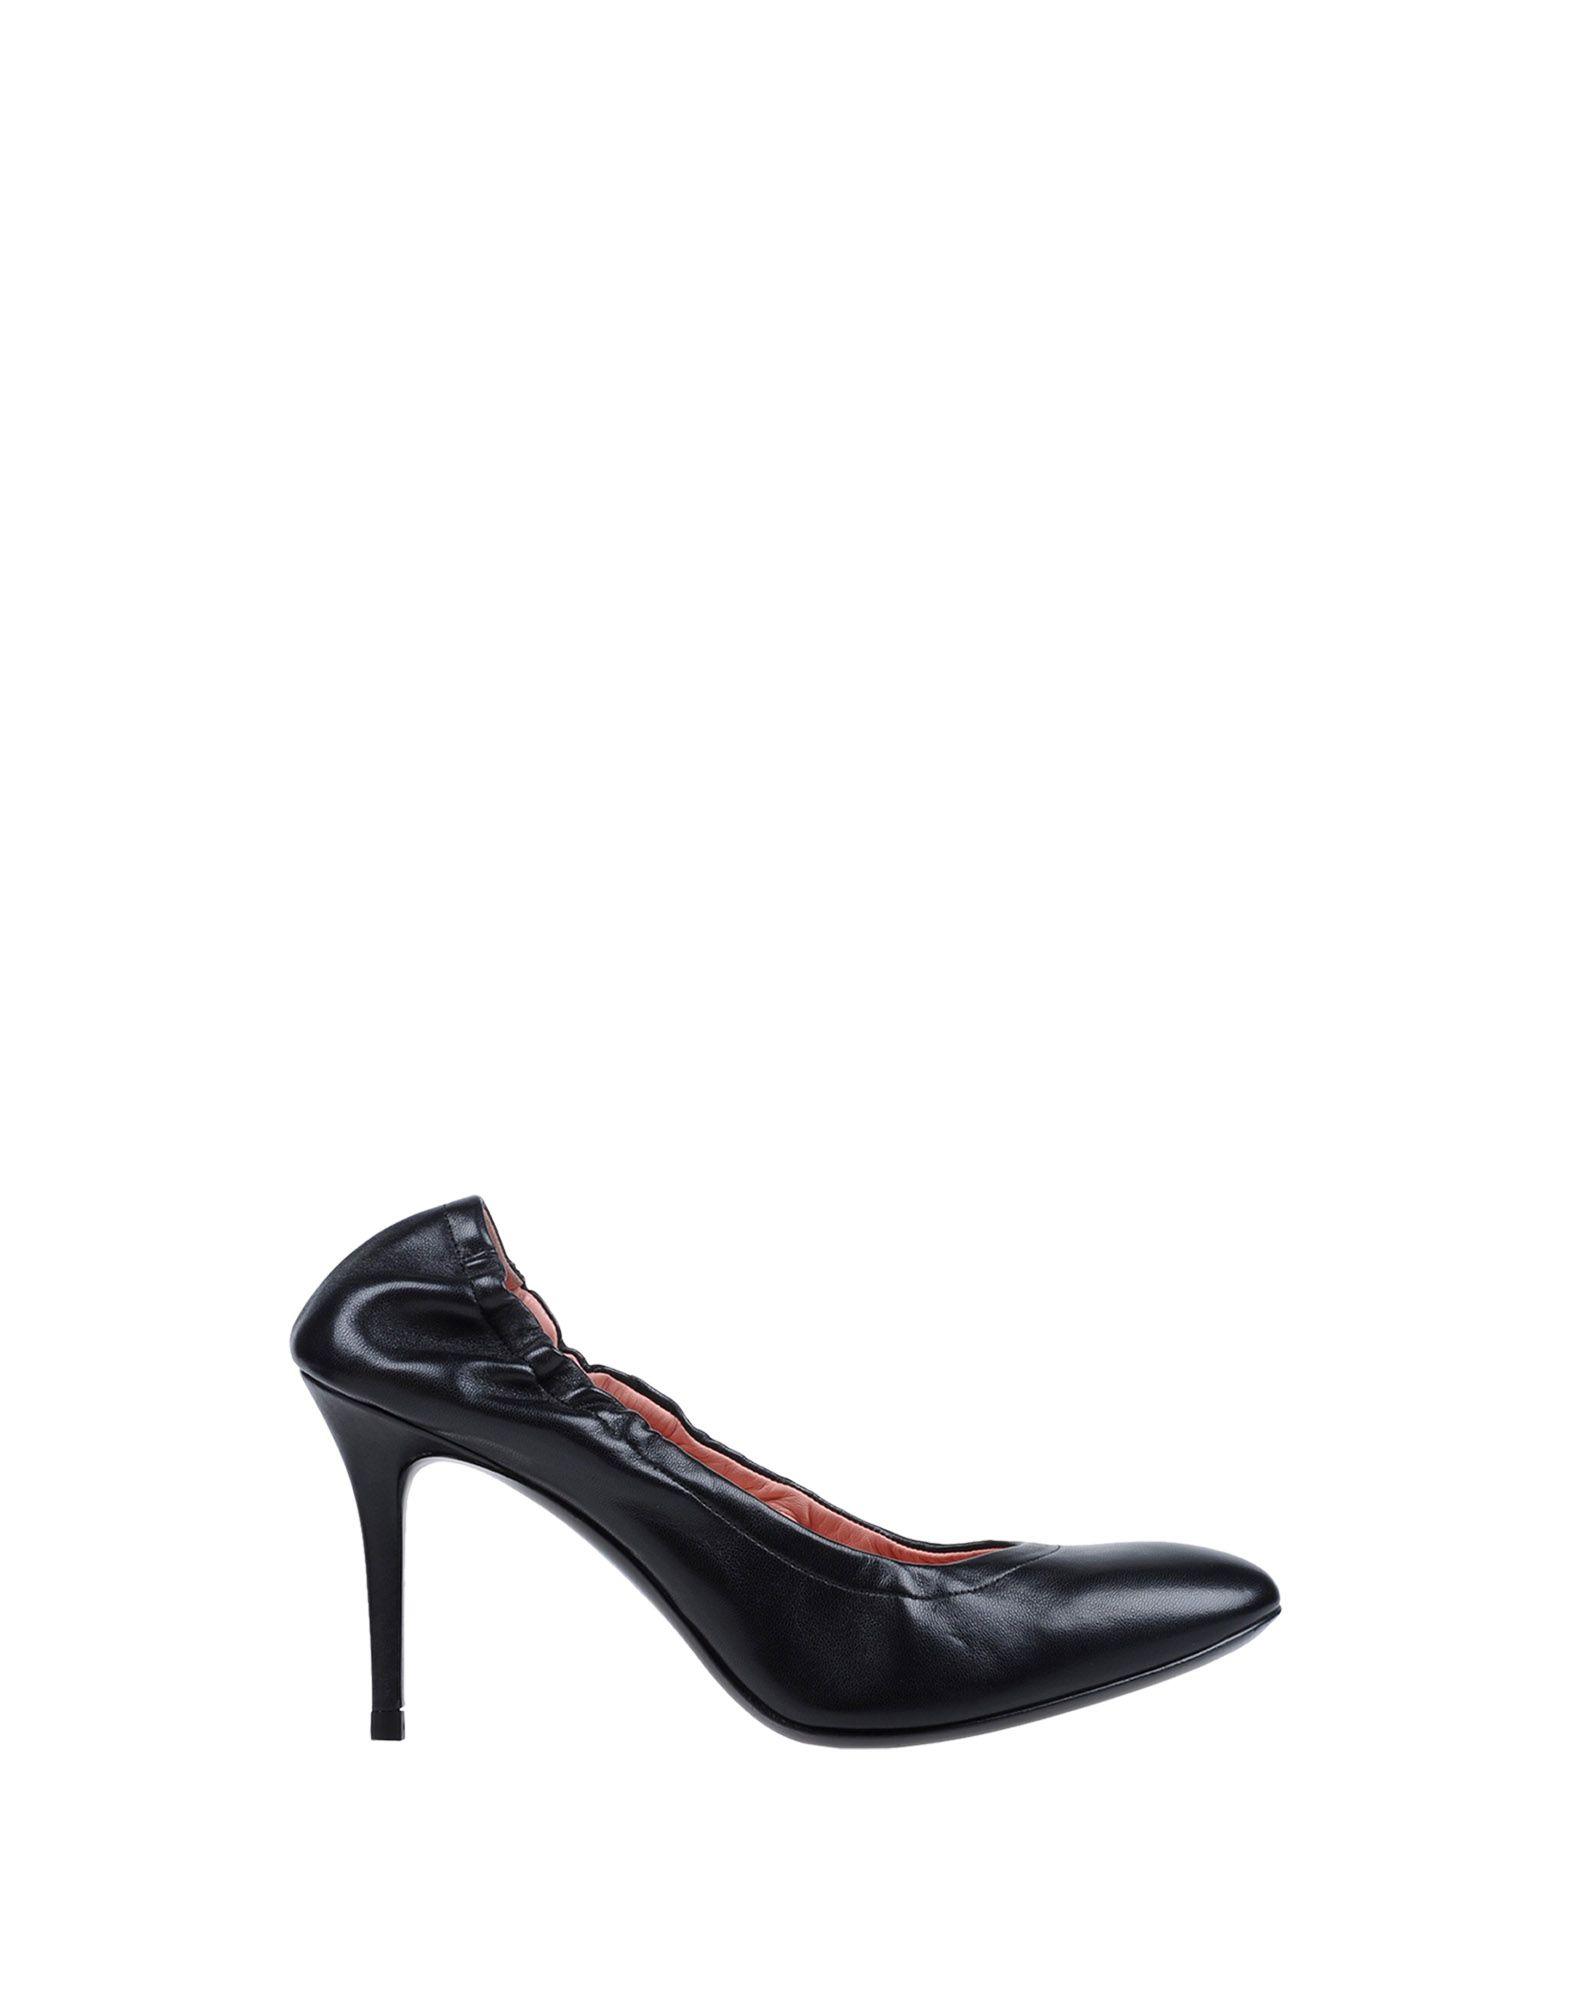 Gut um billige Pumps Schuhe zu tragenAcne Studios Pumps billige Damen  11377122VU 12963a